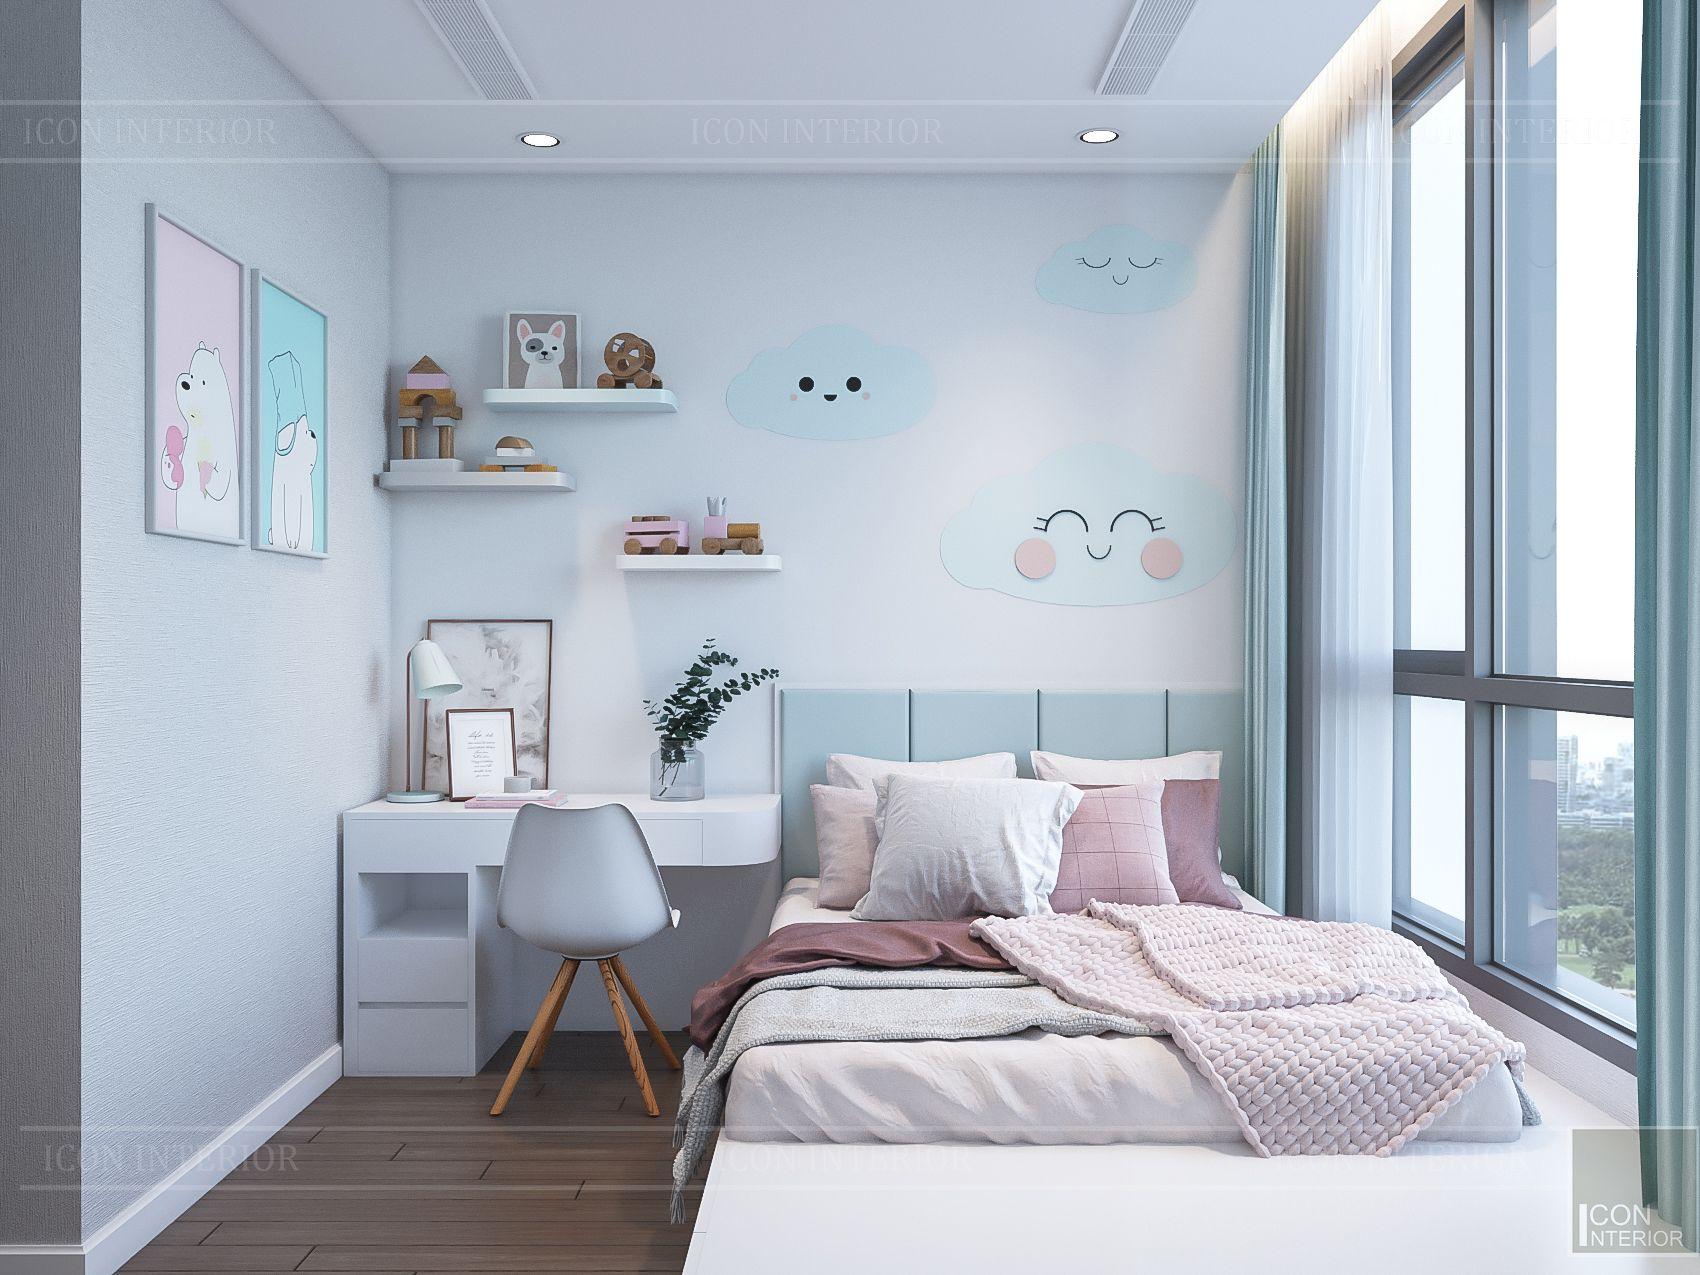 thiết kế nhà phong cách hiện đại - phòng ngủ bé 2